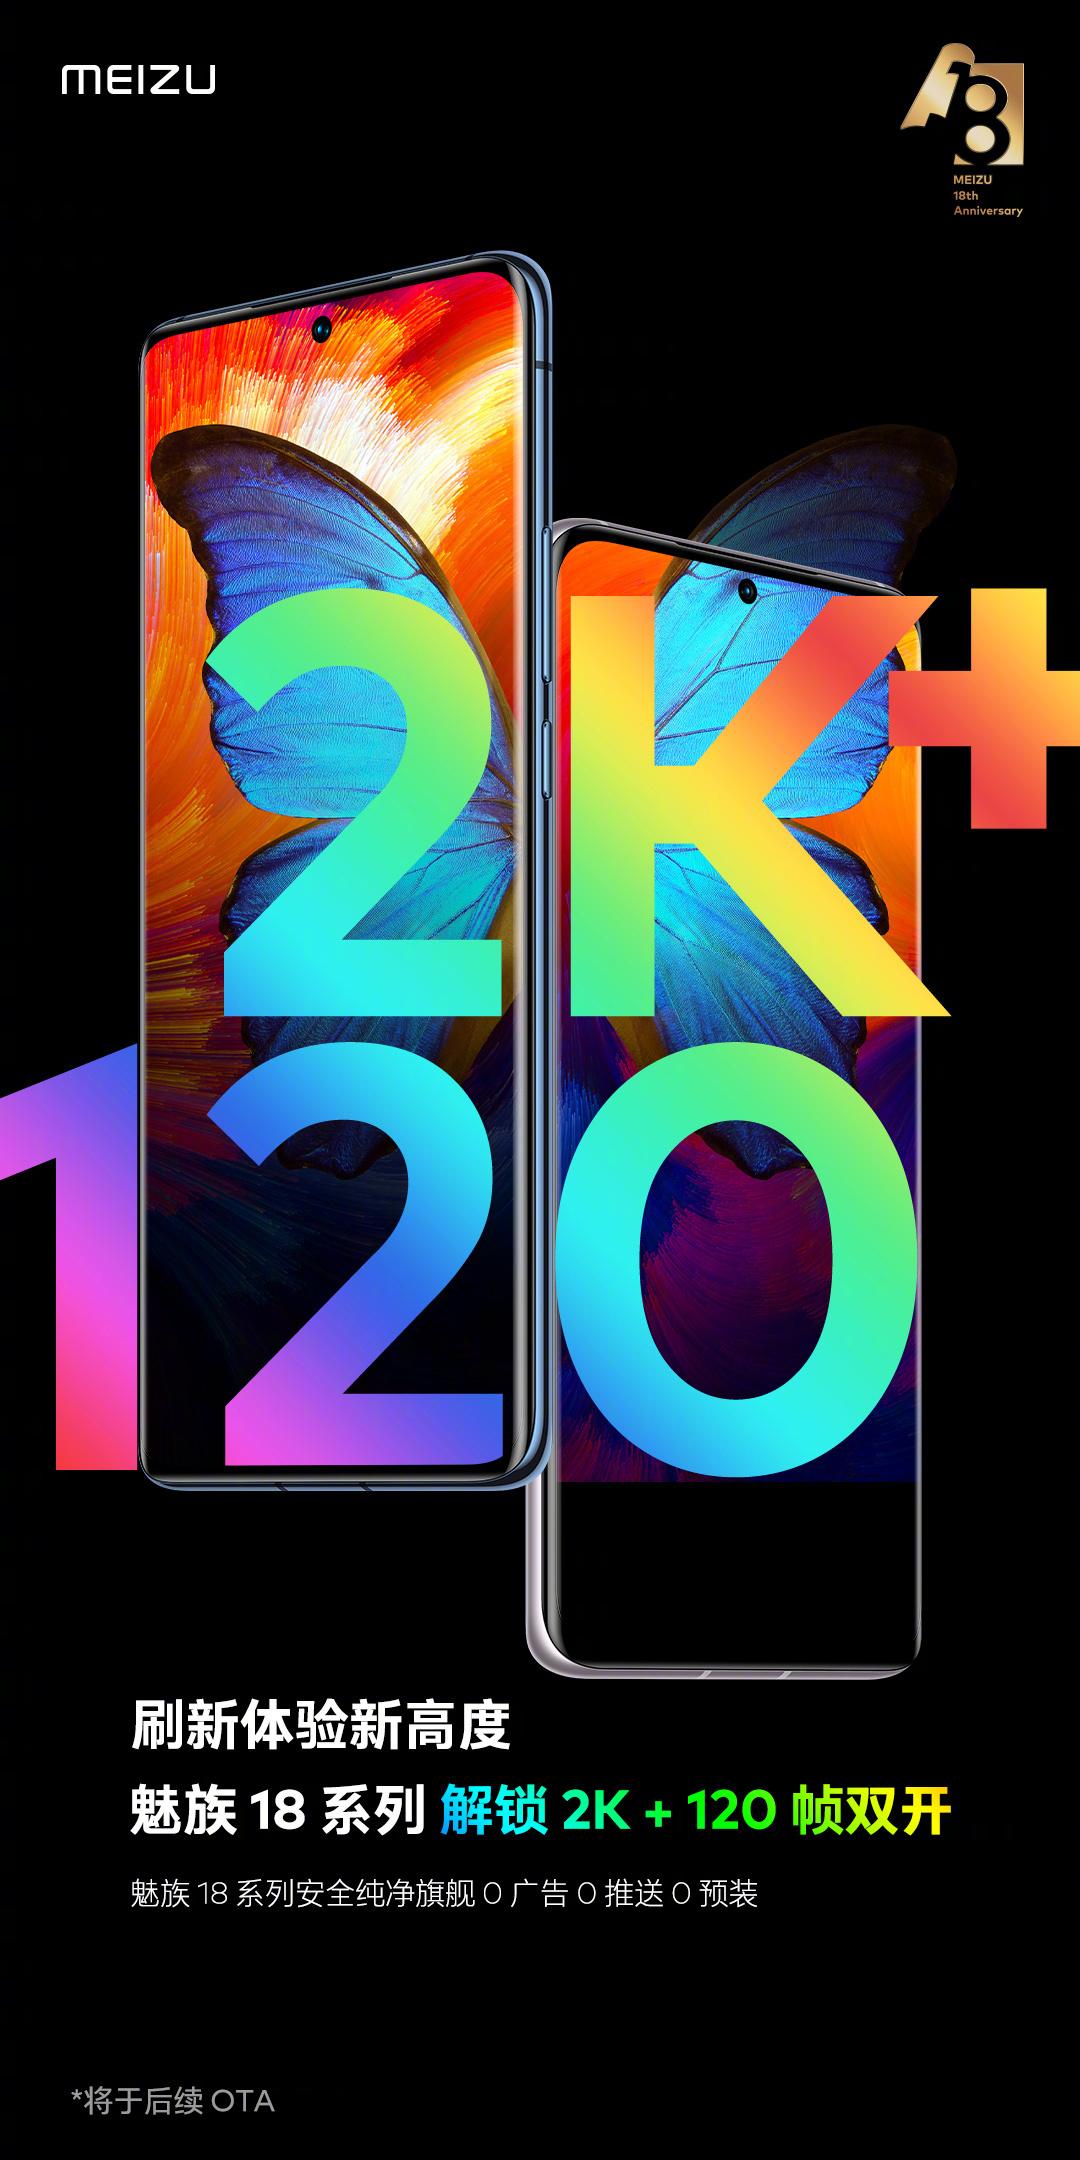 魅族18系列将支持2K+120帧双开:后续OTA推送升级 120帧